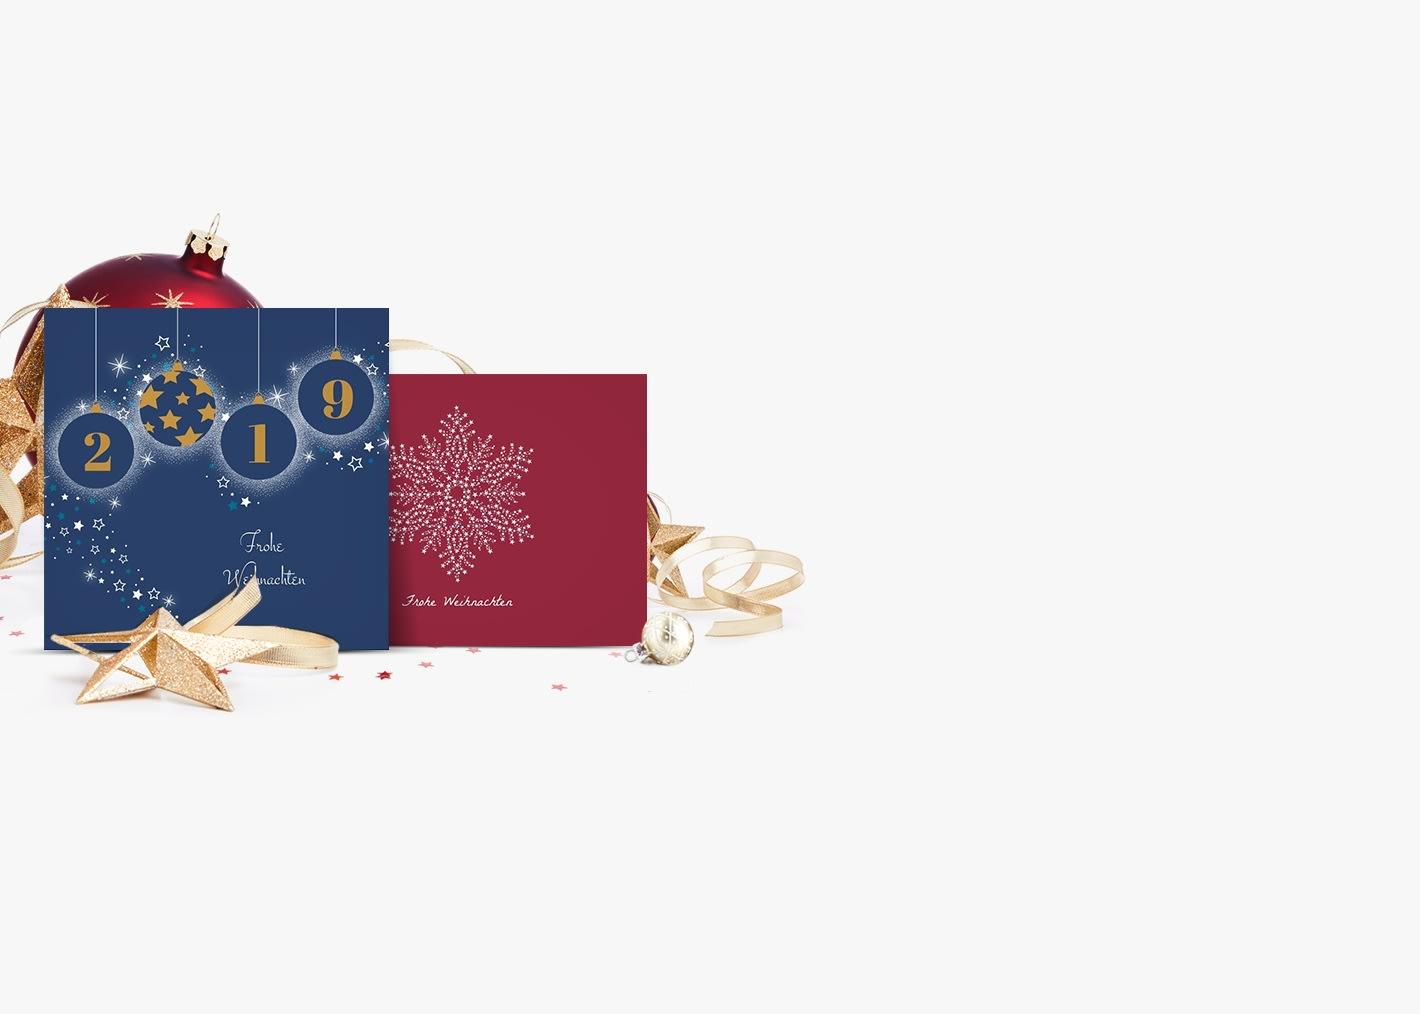 Neue Kollektion von geschäftlichen Weihnachtskarten